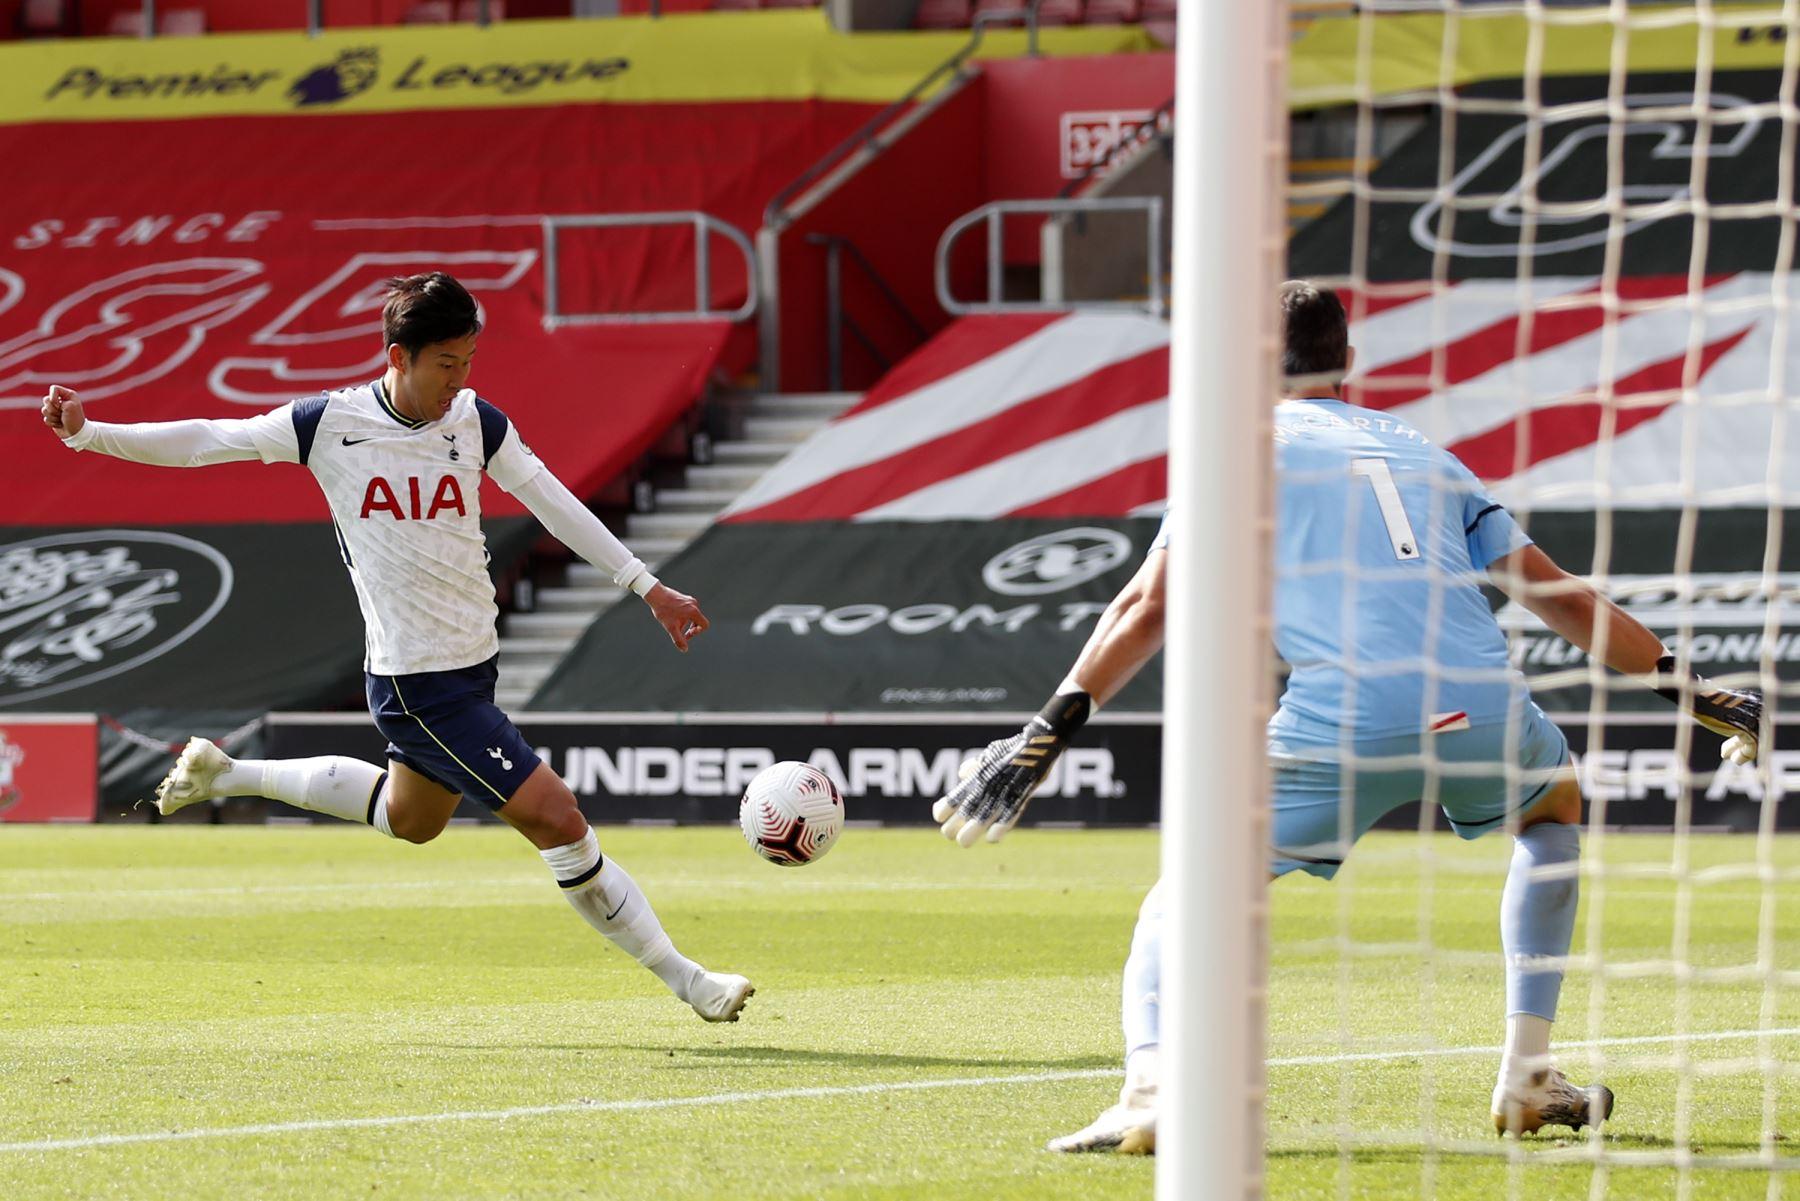 El delantero surcoreano del Tottenham Hotspur, Son Heung-Min, dispara para anotar su cuarto gol durante el partido de fútbol de la Premier League